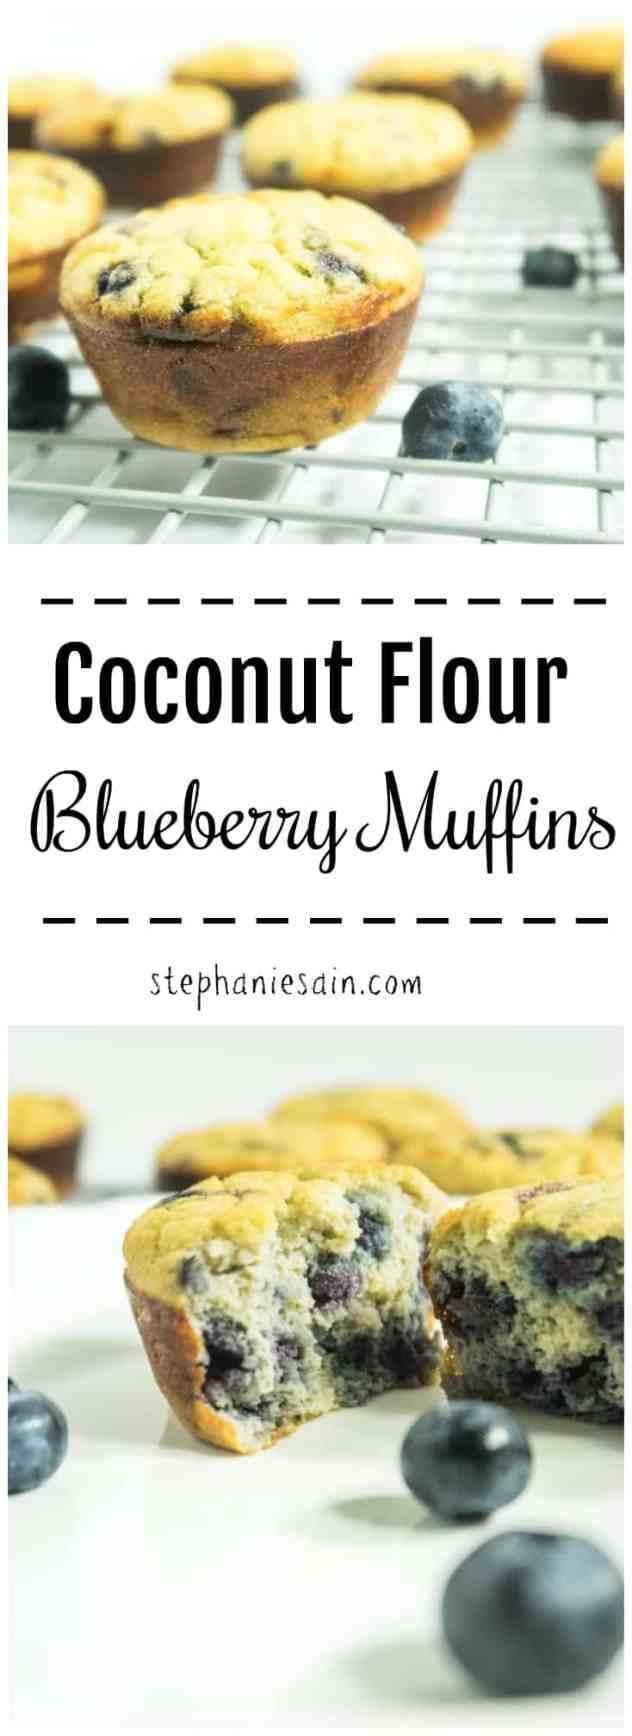 Buckwheat Flour Cake Vegan Coconut